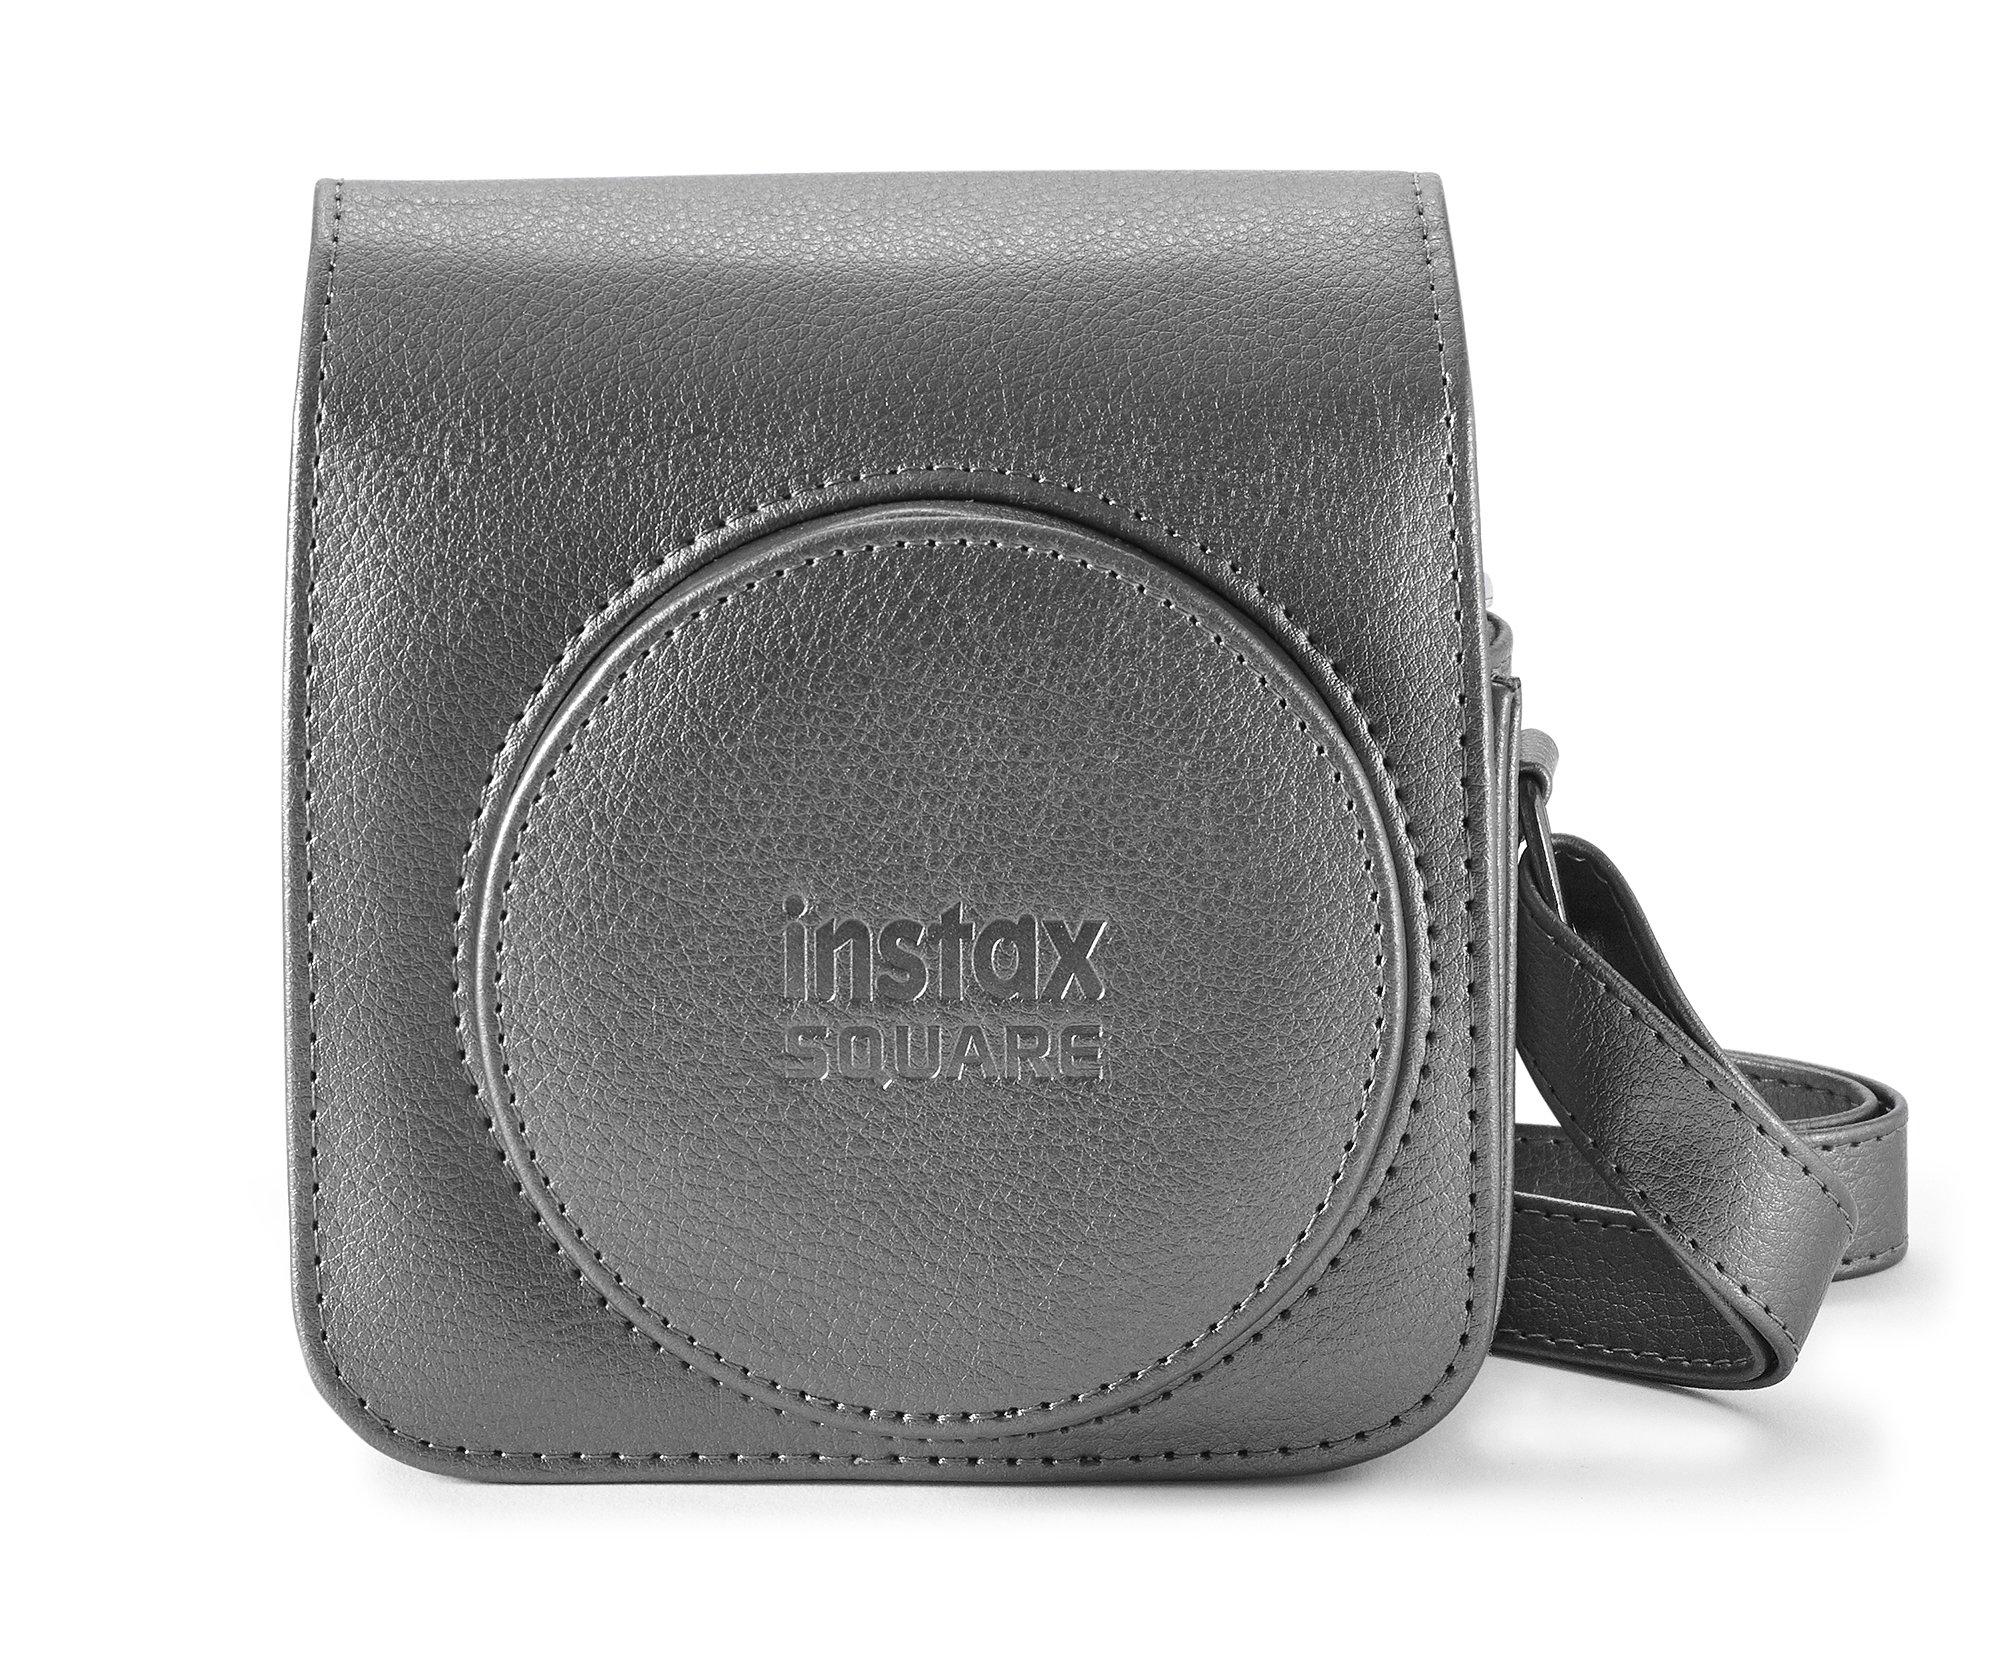 Fujifilm Instax Square SQ6 Case - Graphite Grey